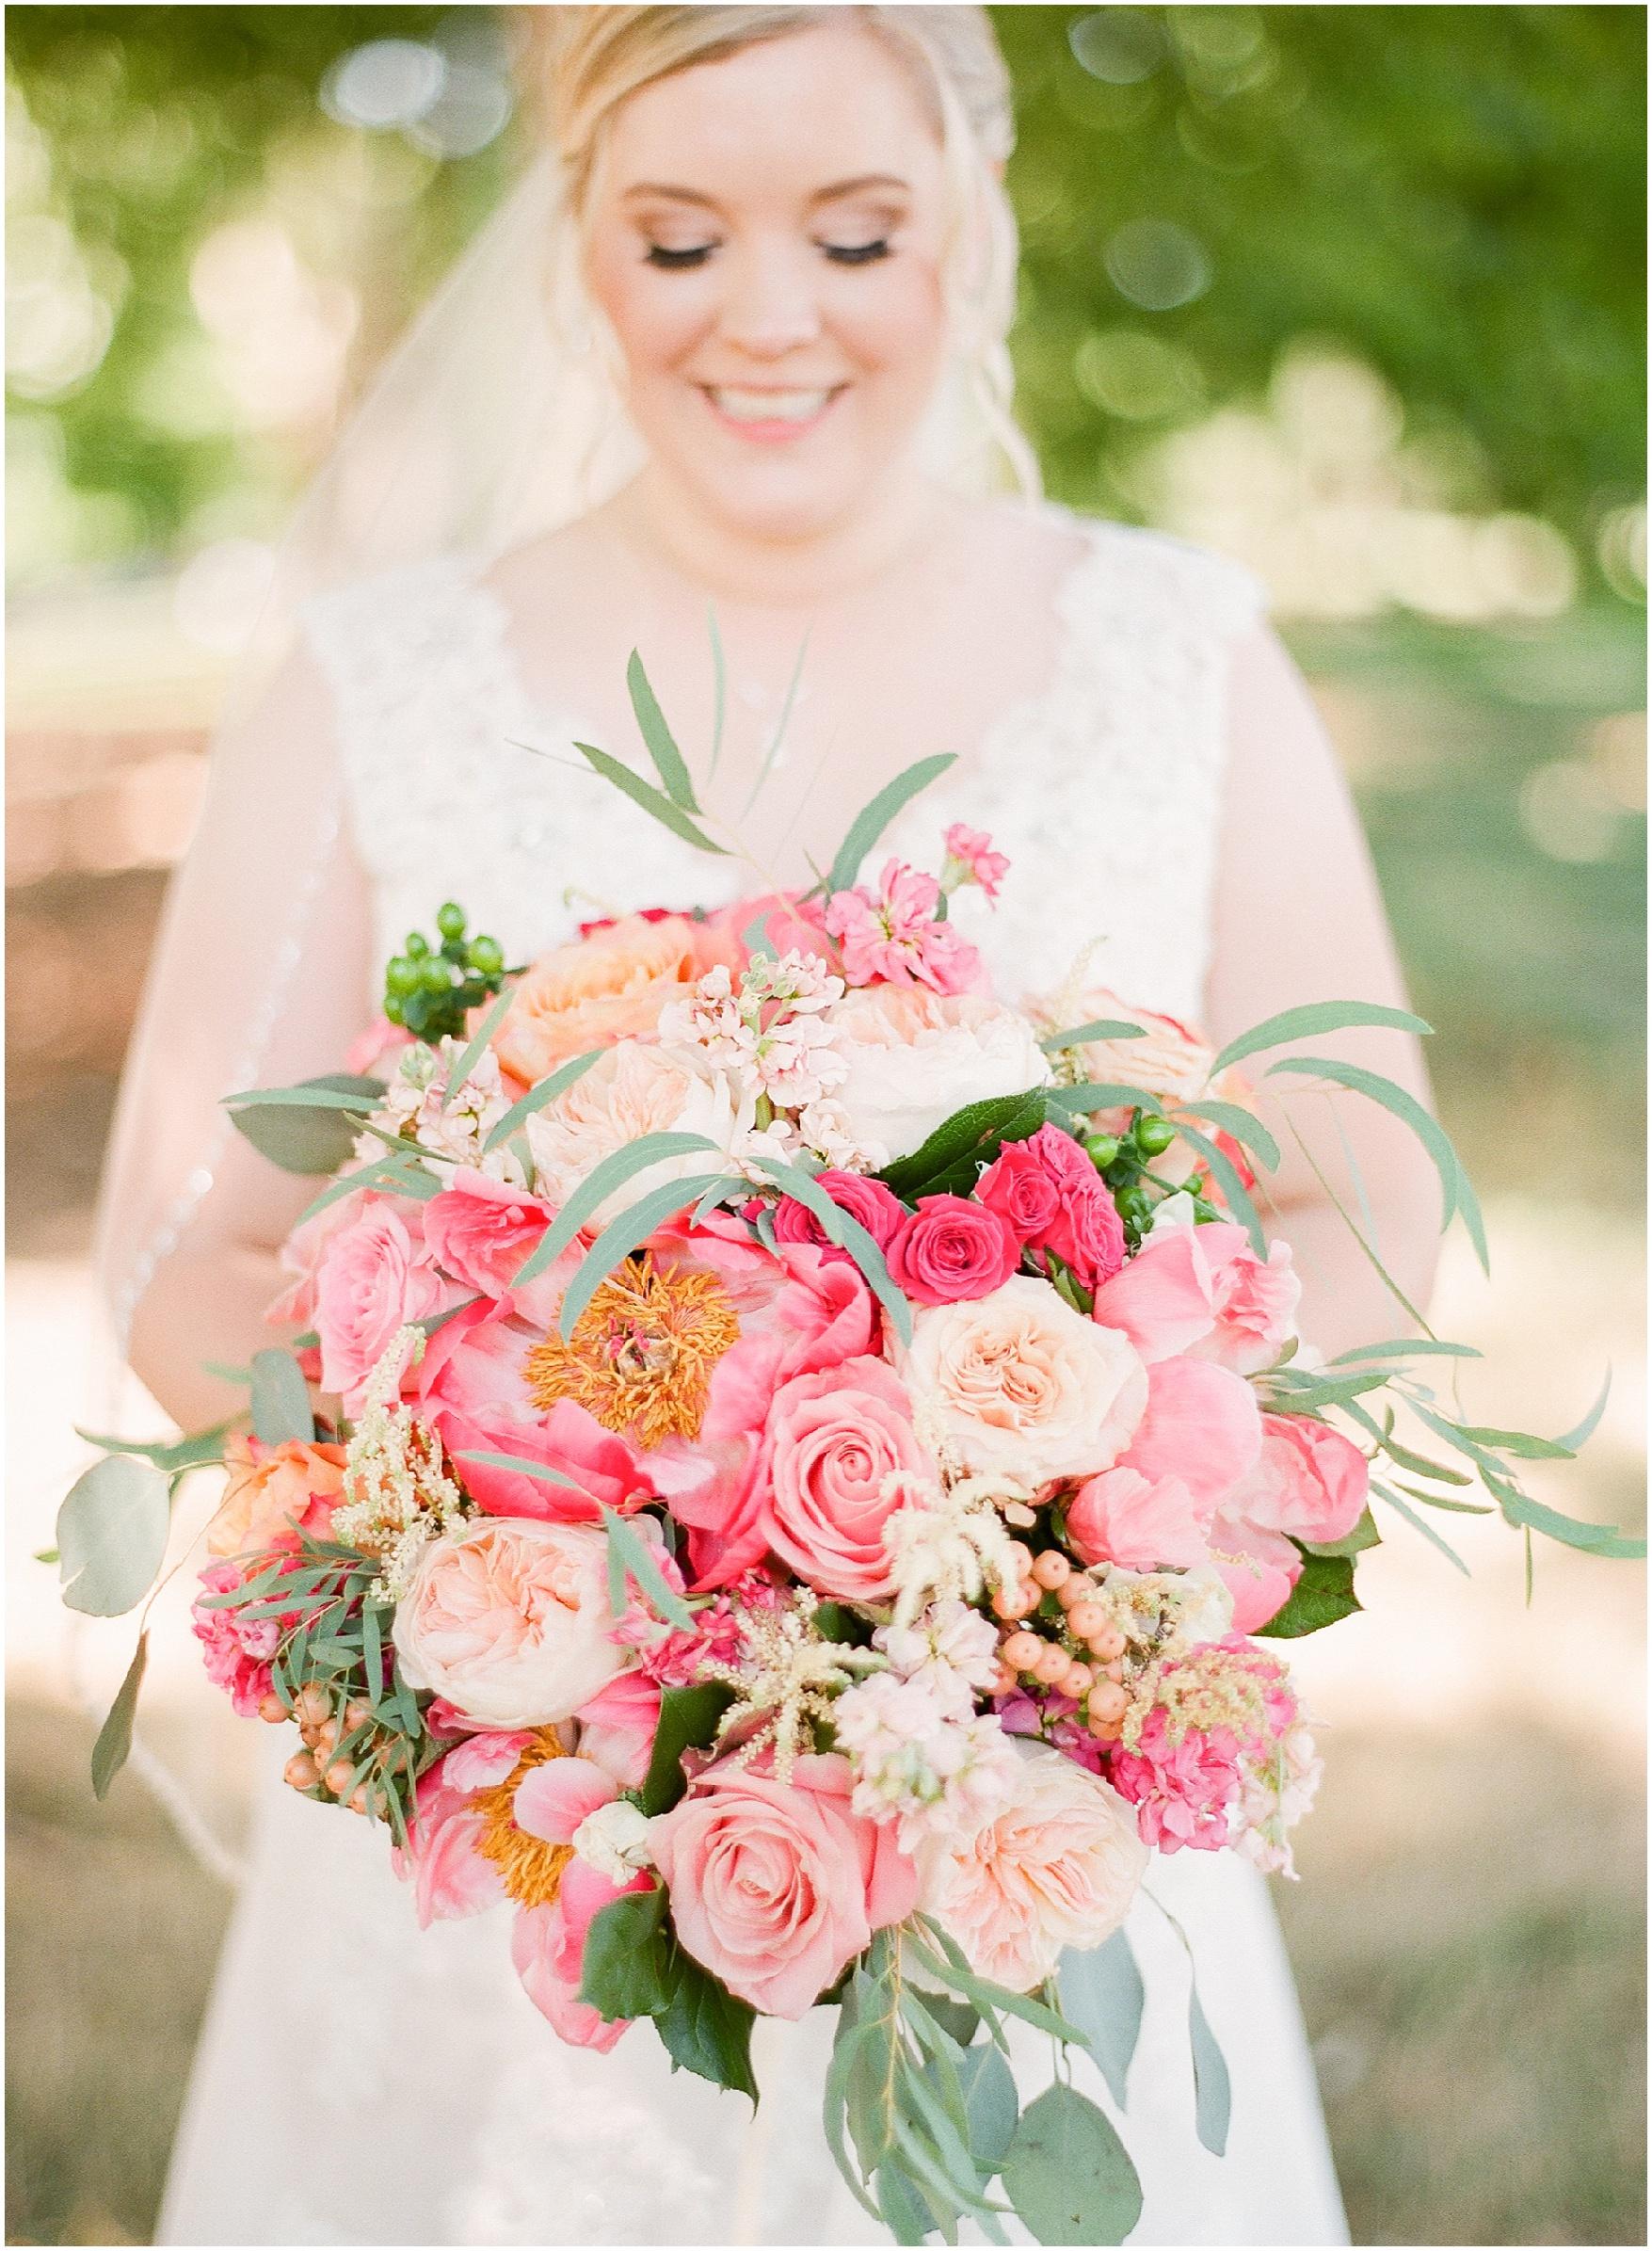 wedding photography st louis_lauren muckler photography_film photographer_film wedding_0170.jpg